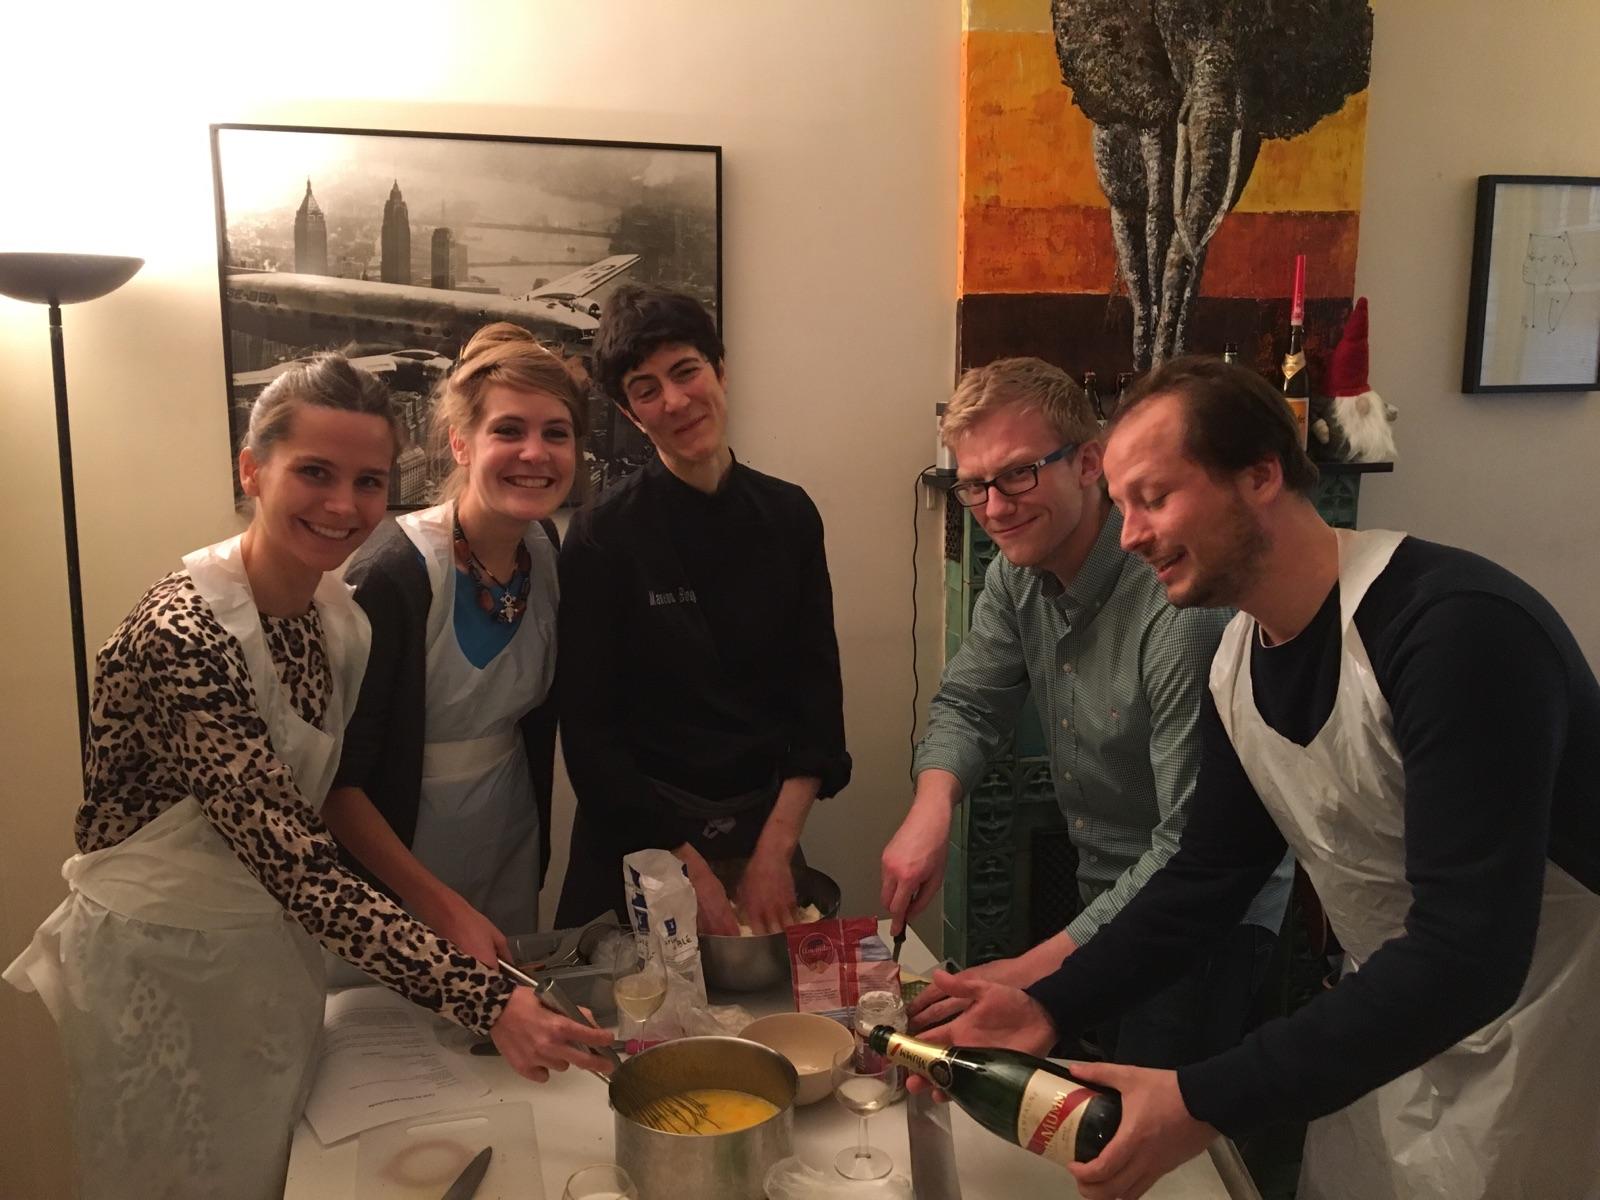 Une soir e entre amis autour d 39 un atelier de cuisine c for Menu pour soiree entre amis